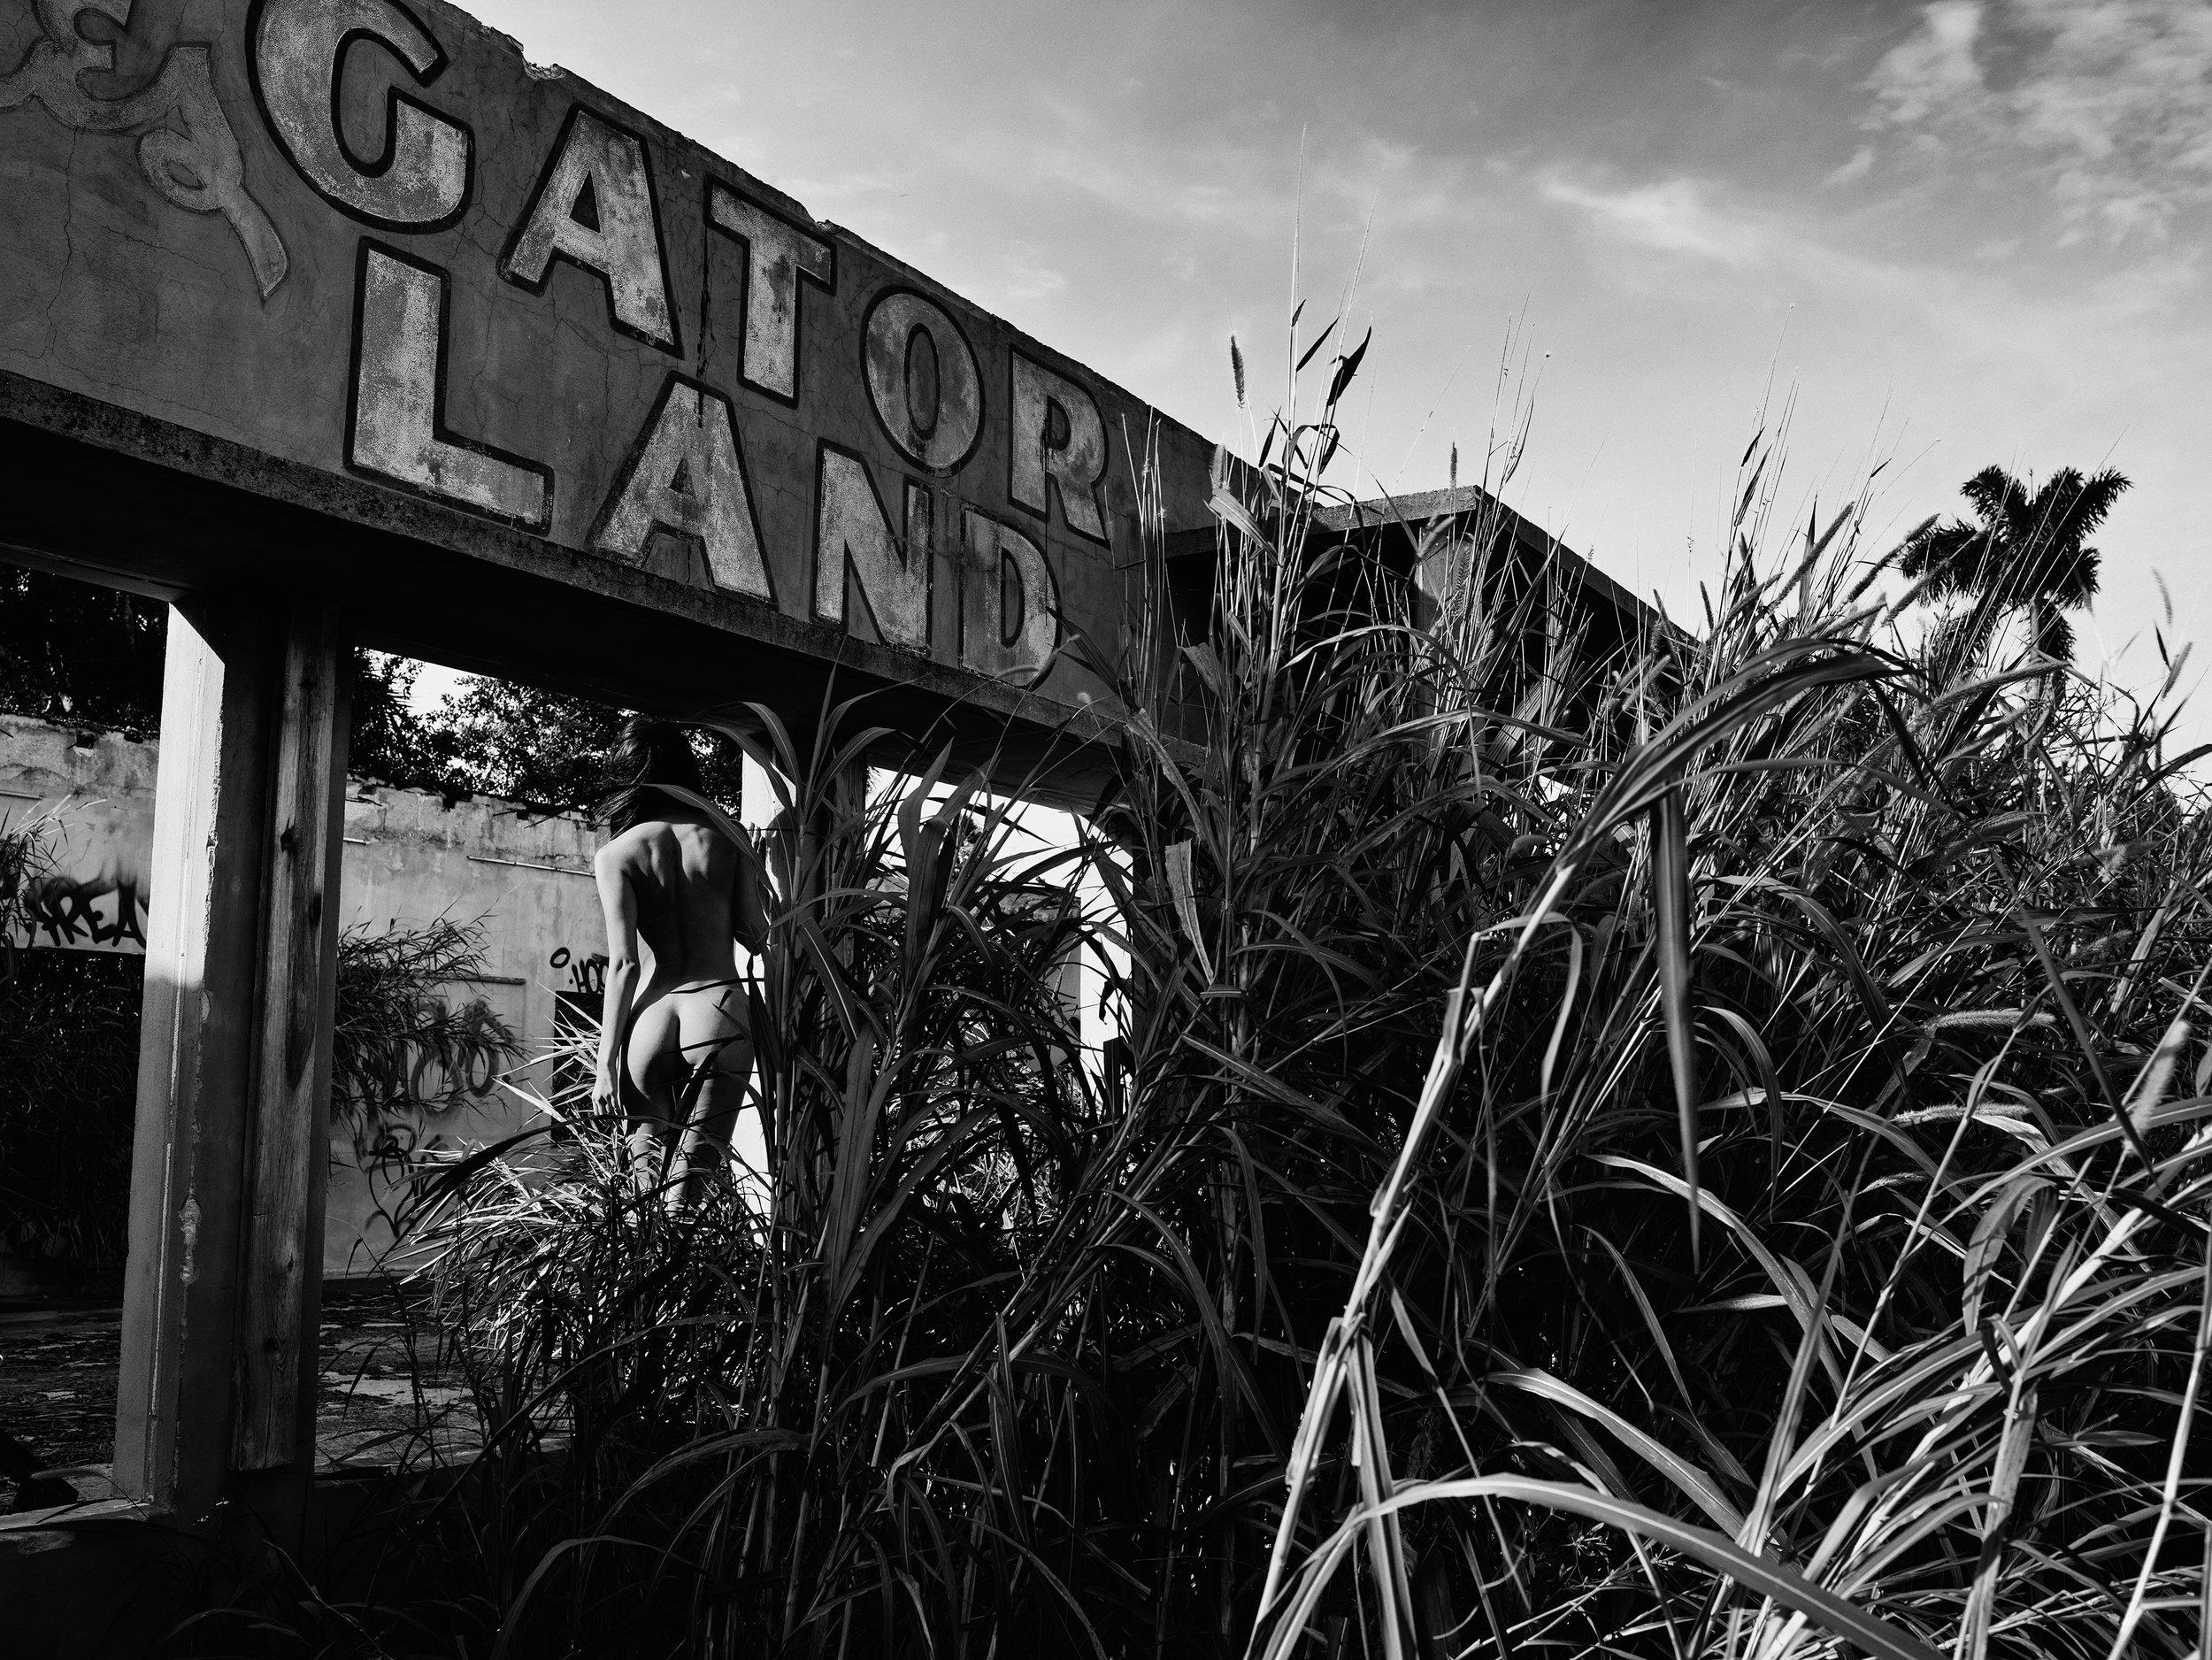 GATOR LAND